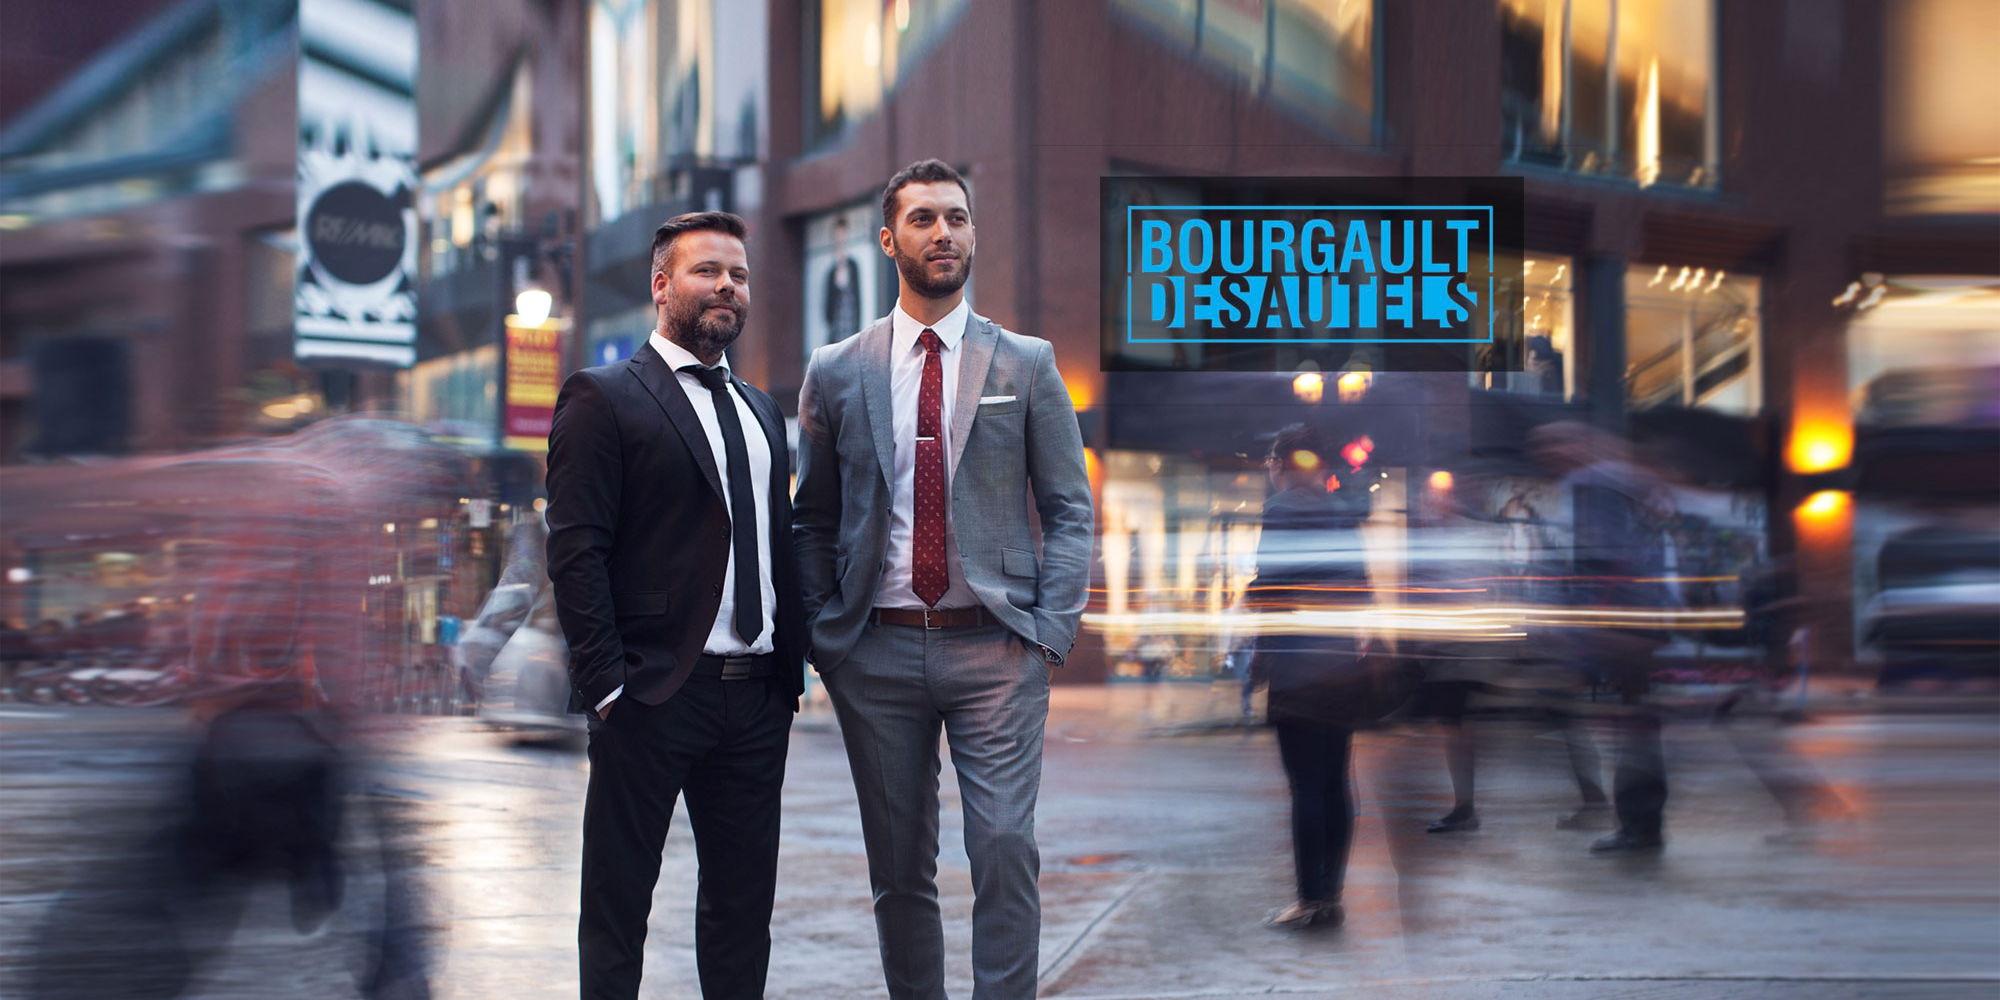 Bourgault Desautels